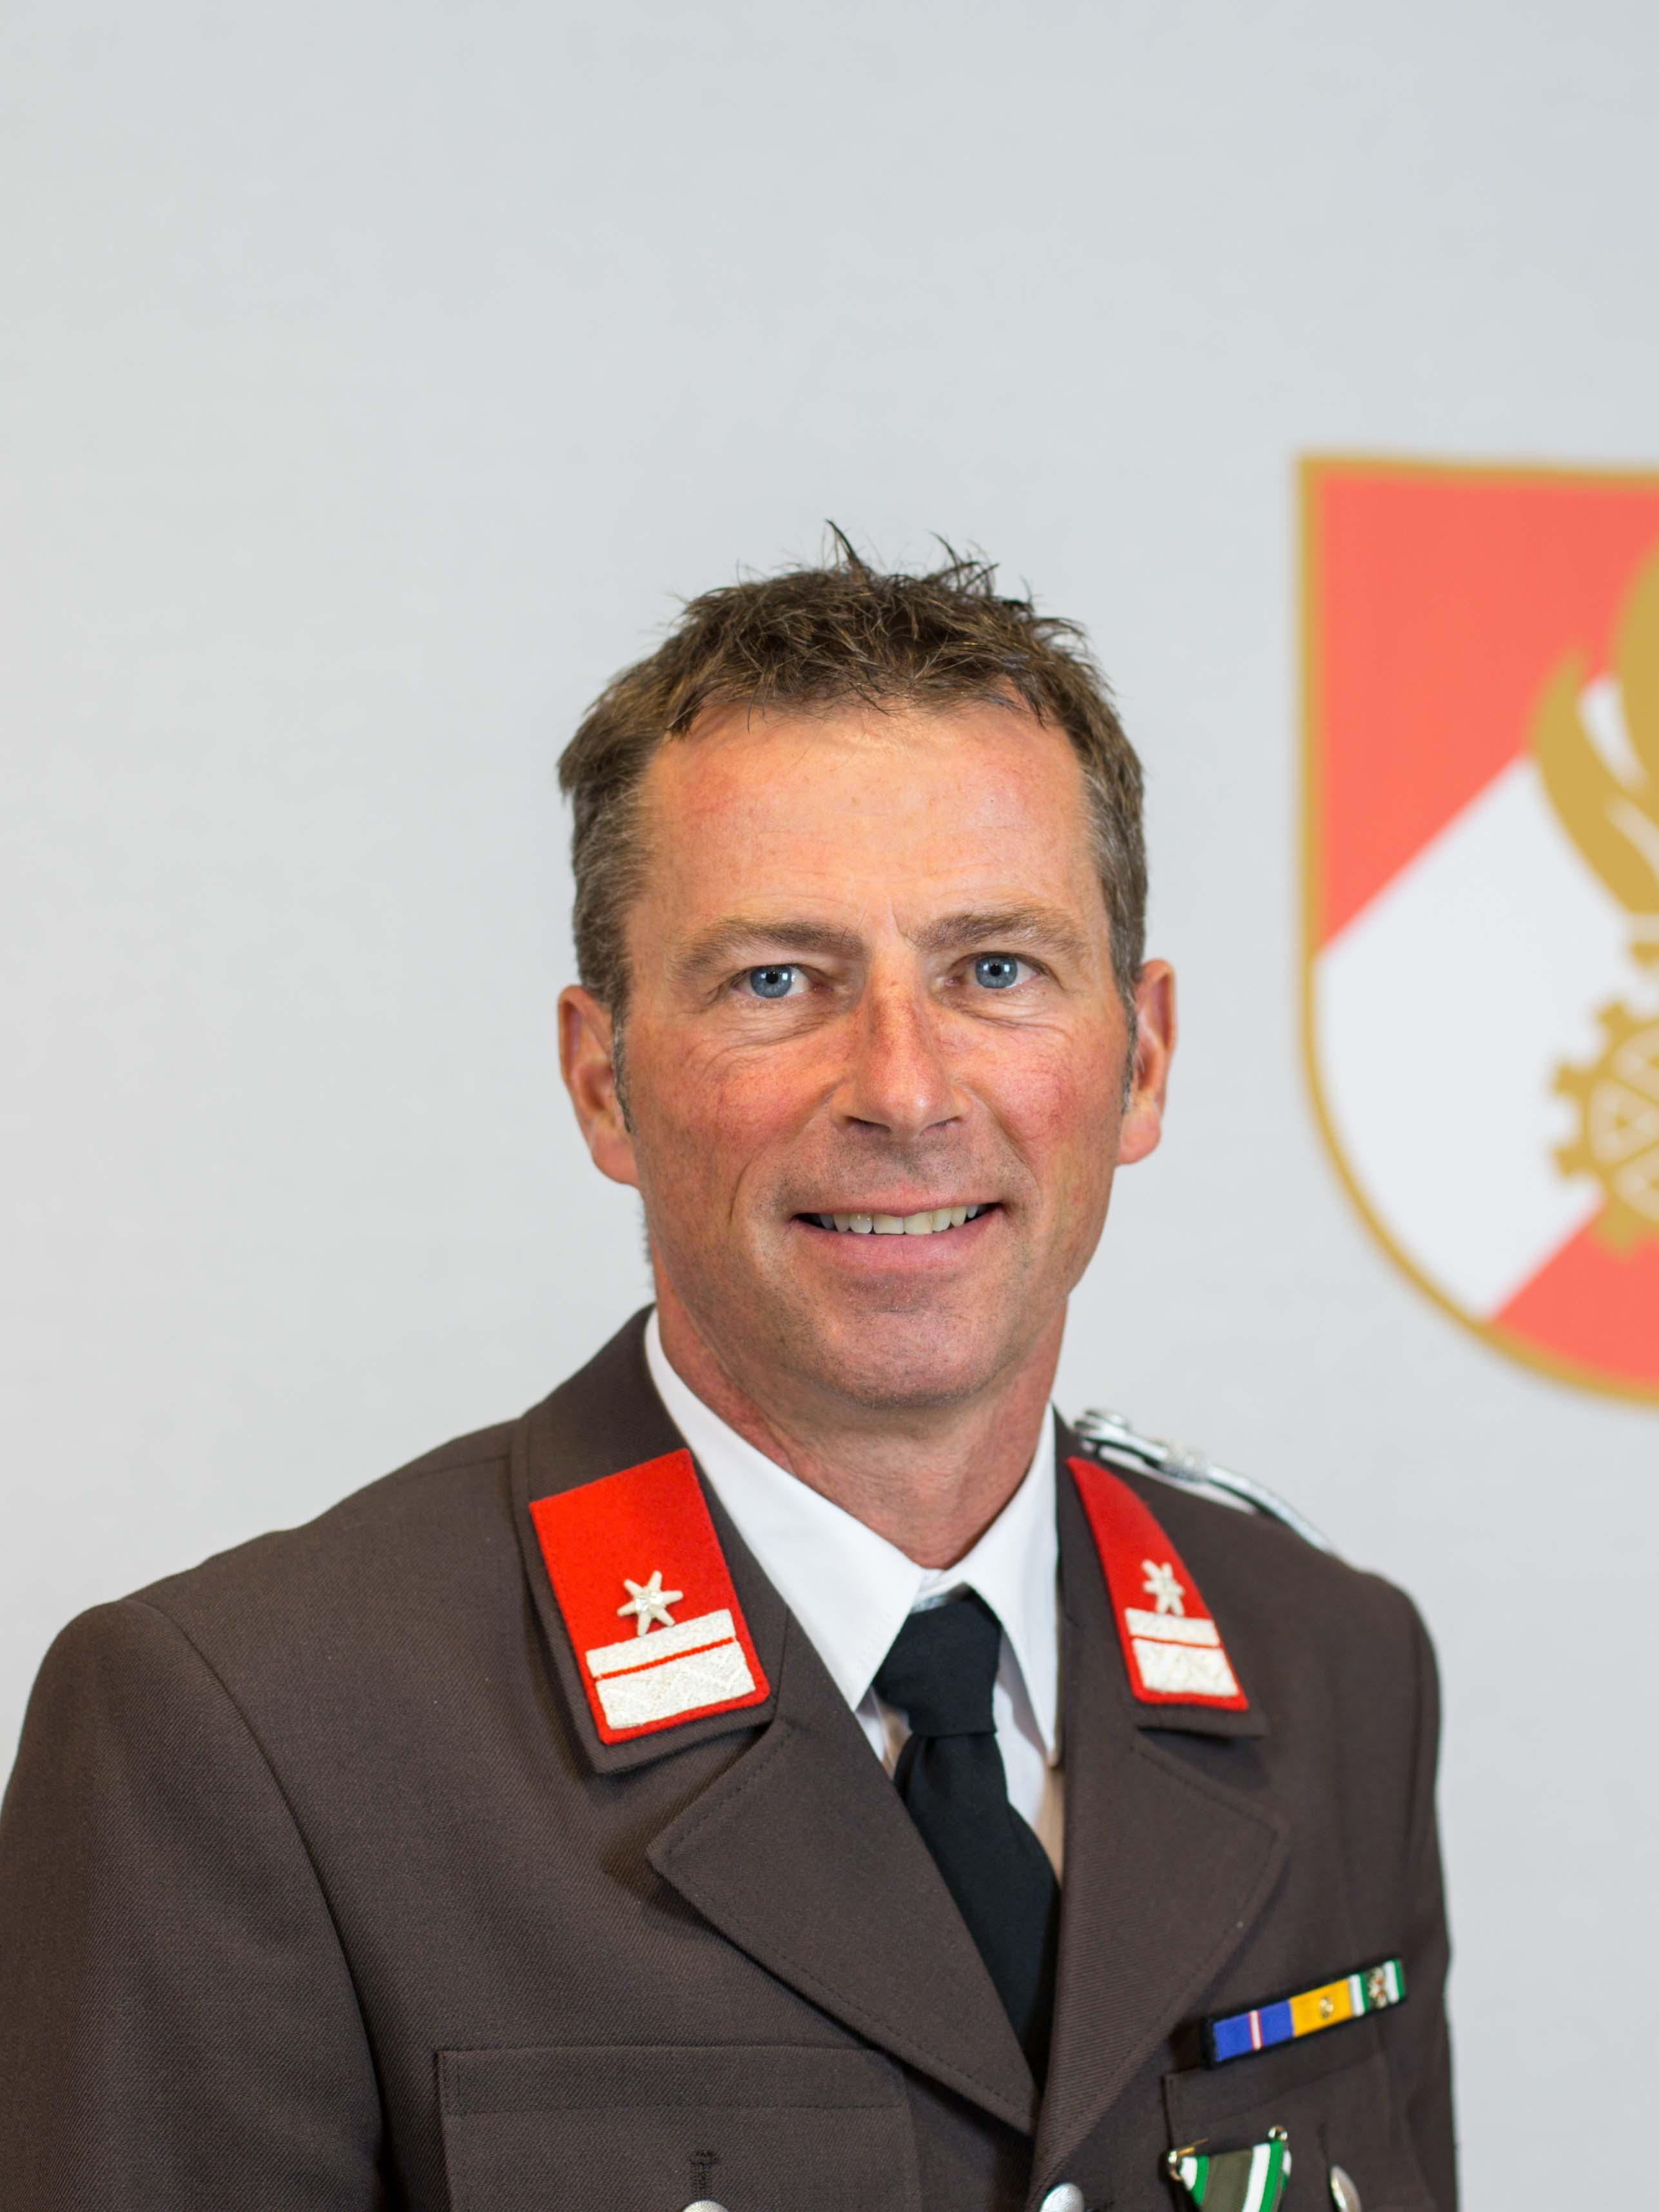 Eckehard Neuper